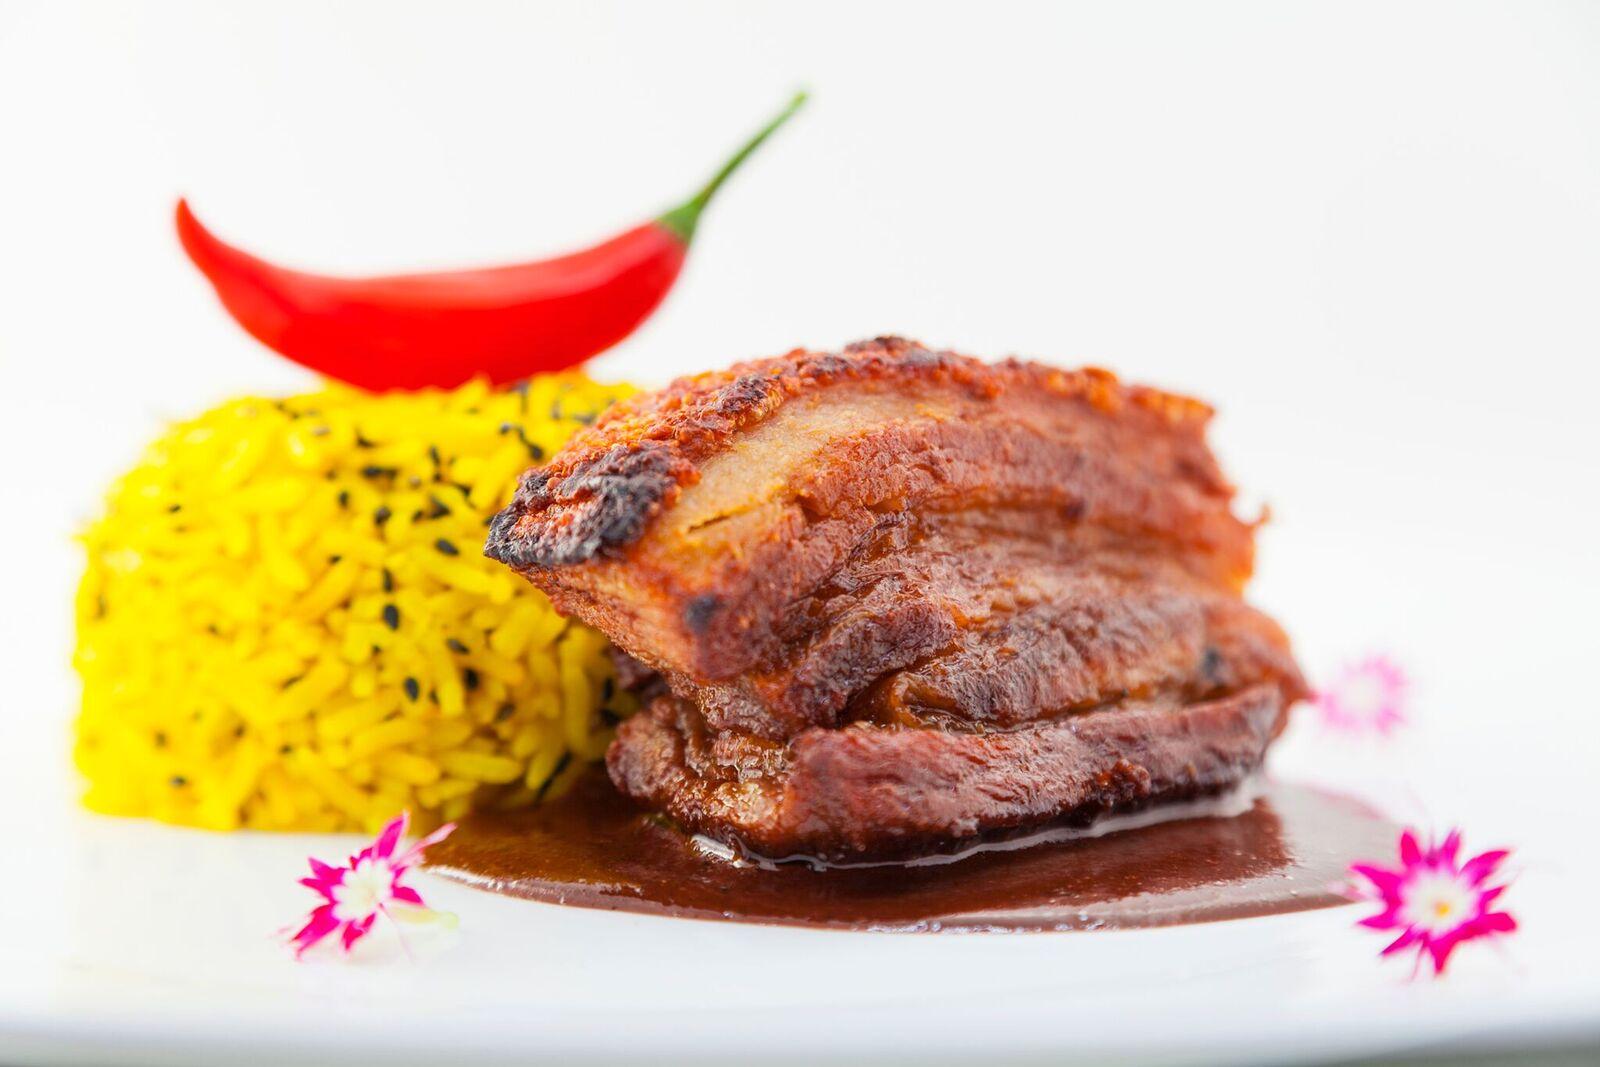 La Rubia - barriga de porco assada ao molho de chocolate e especiarias, com arroz de açafrão e gergelim negro torrado - Foto 3 de Raquel Aviani.jpg